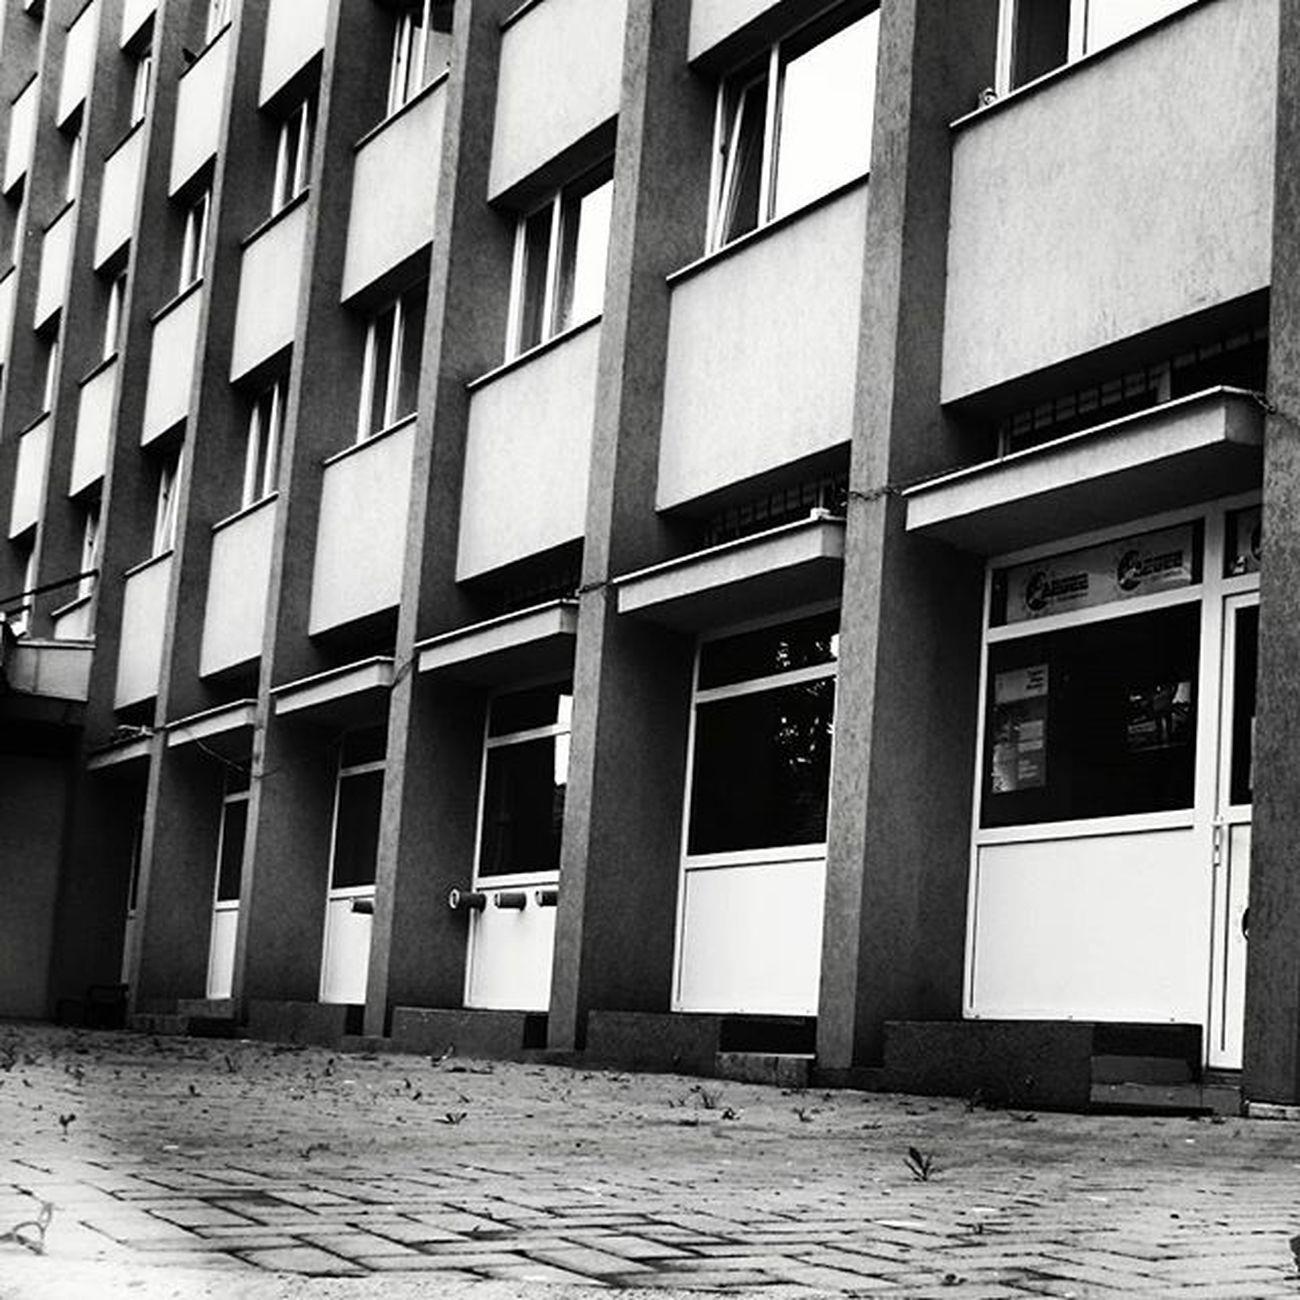 so many untold stories | Pozeabandonate ____________________ Whppatterns Instacluj Ig_cluj Clujlife Clujnapoca Visitcluj Ilovecluj Kolozsvár Mydayincluj Clujulmagic Streetsofcluj Takemetoromania Clujstreets Makemoments Everydayromania Clujnapoca_city Bw_wednesday Bnw_city Bnw Bw Insta_bw Insta_noir Monochromatic Mono socialismmodernism pozeuitateprintelefon cj05bnw